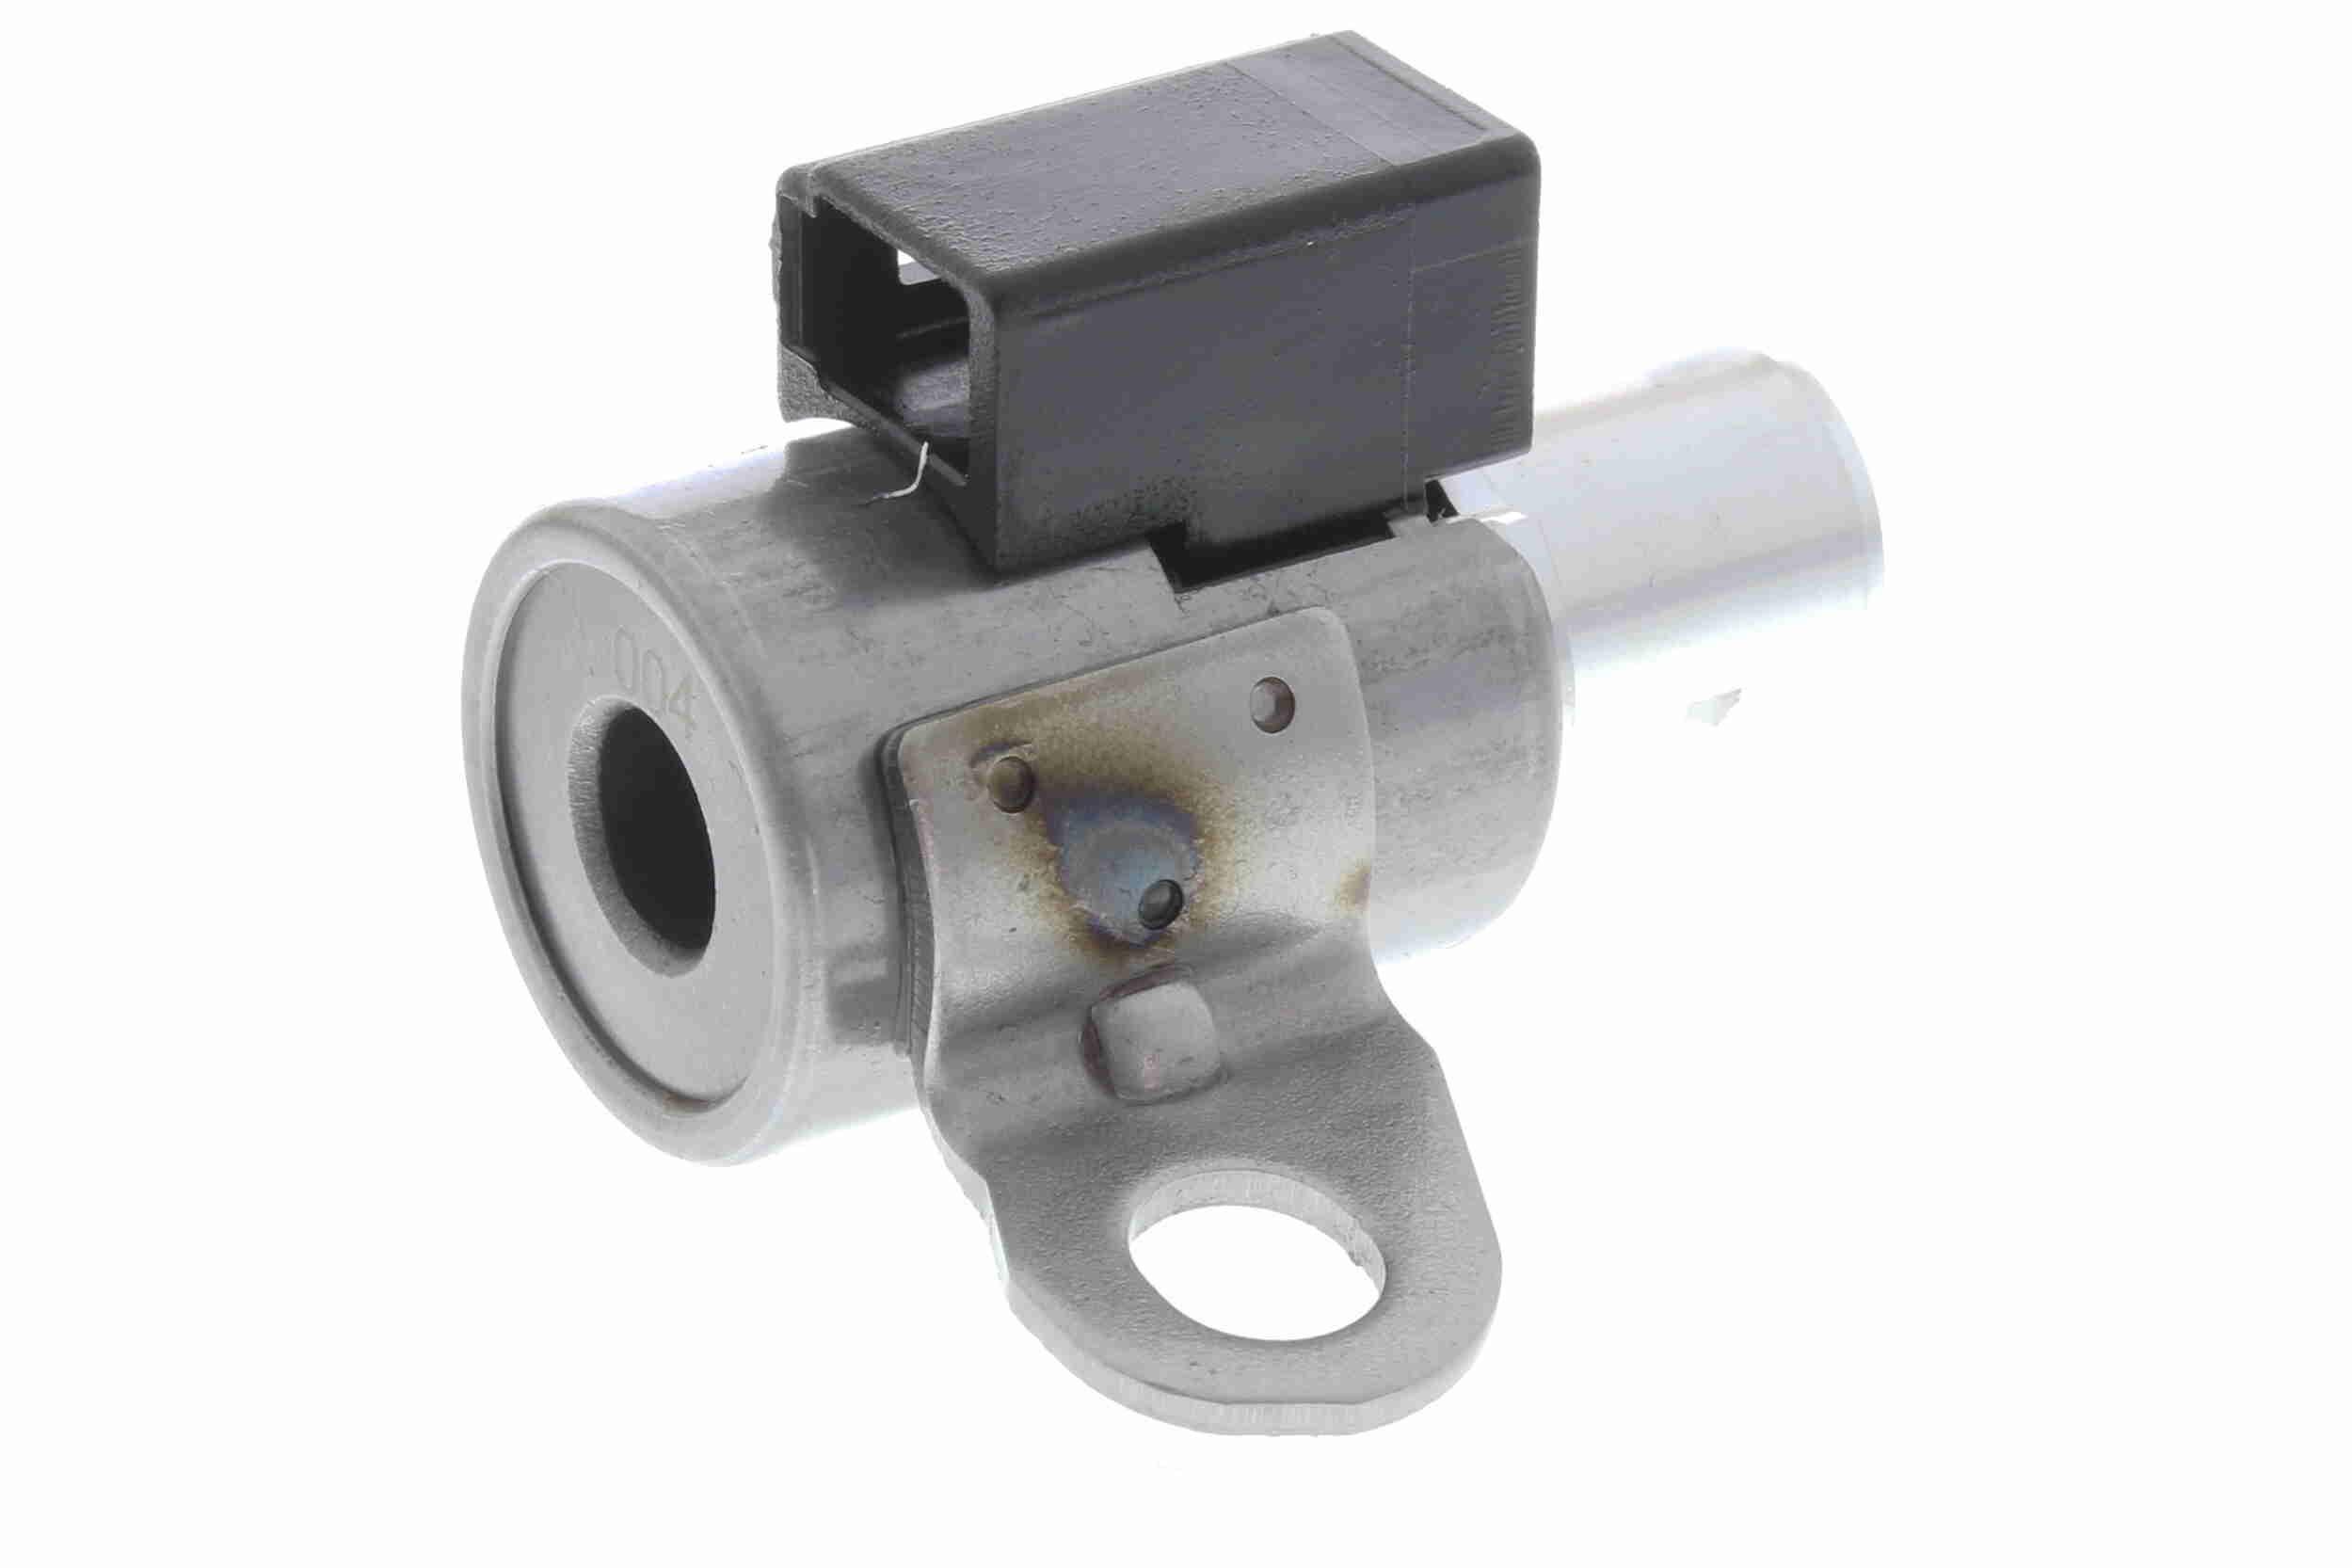 CITROËN JUMPER Schaltventil, Automatikgetriebe - Original VEMO V42-77-0016